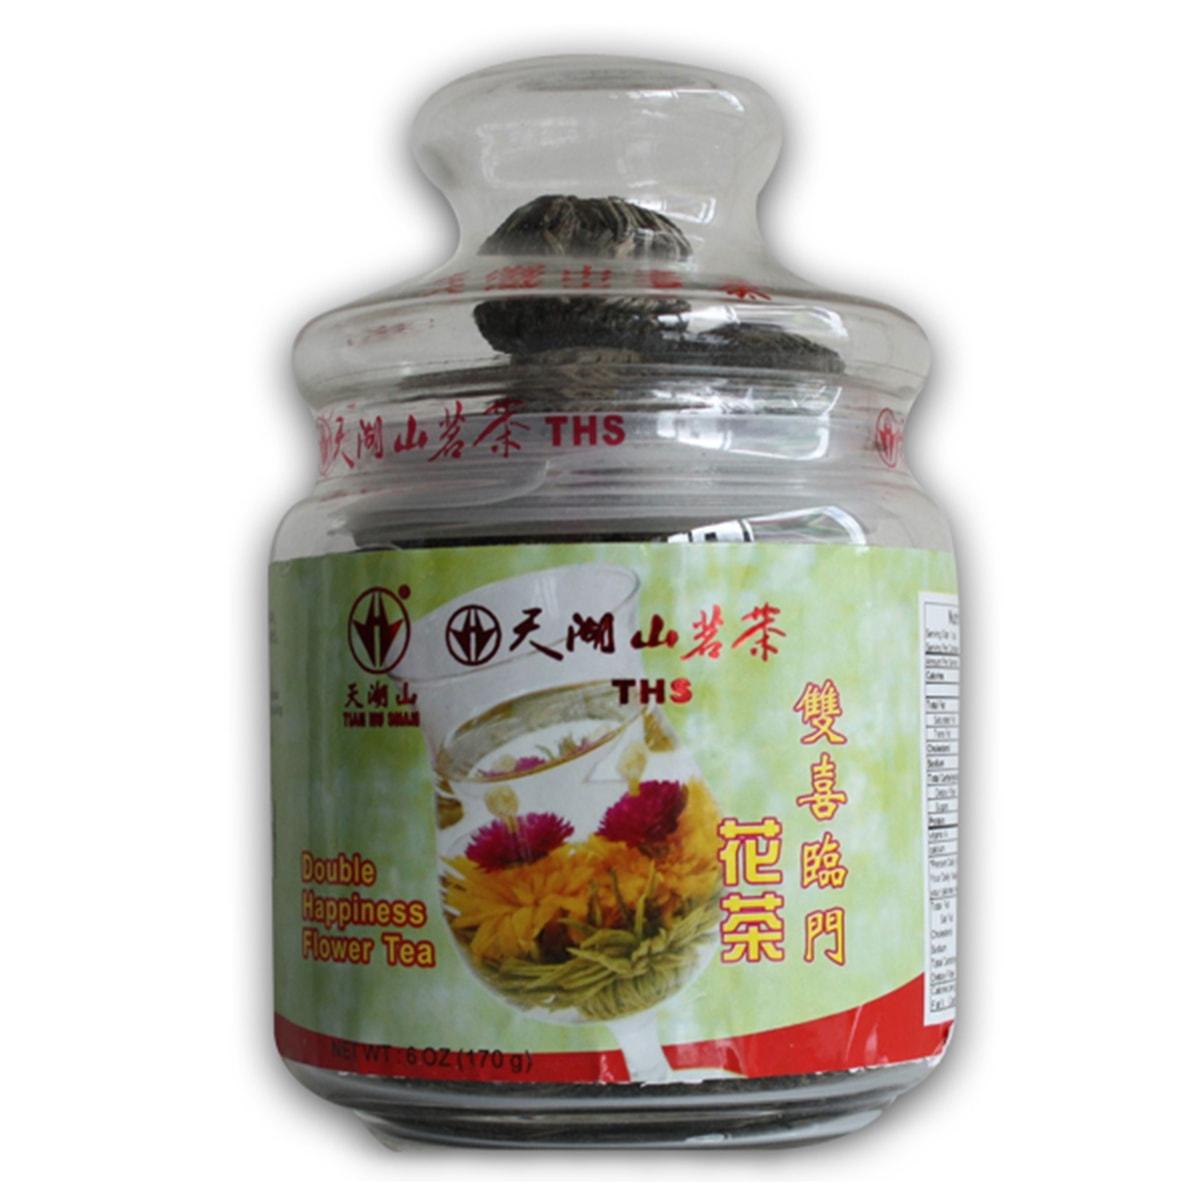 Buy Tian Hu Shan Double Happiness Flower Tea - 170 gm